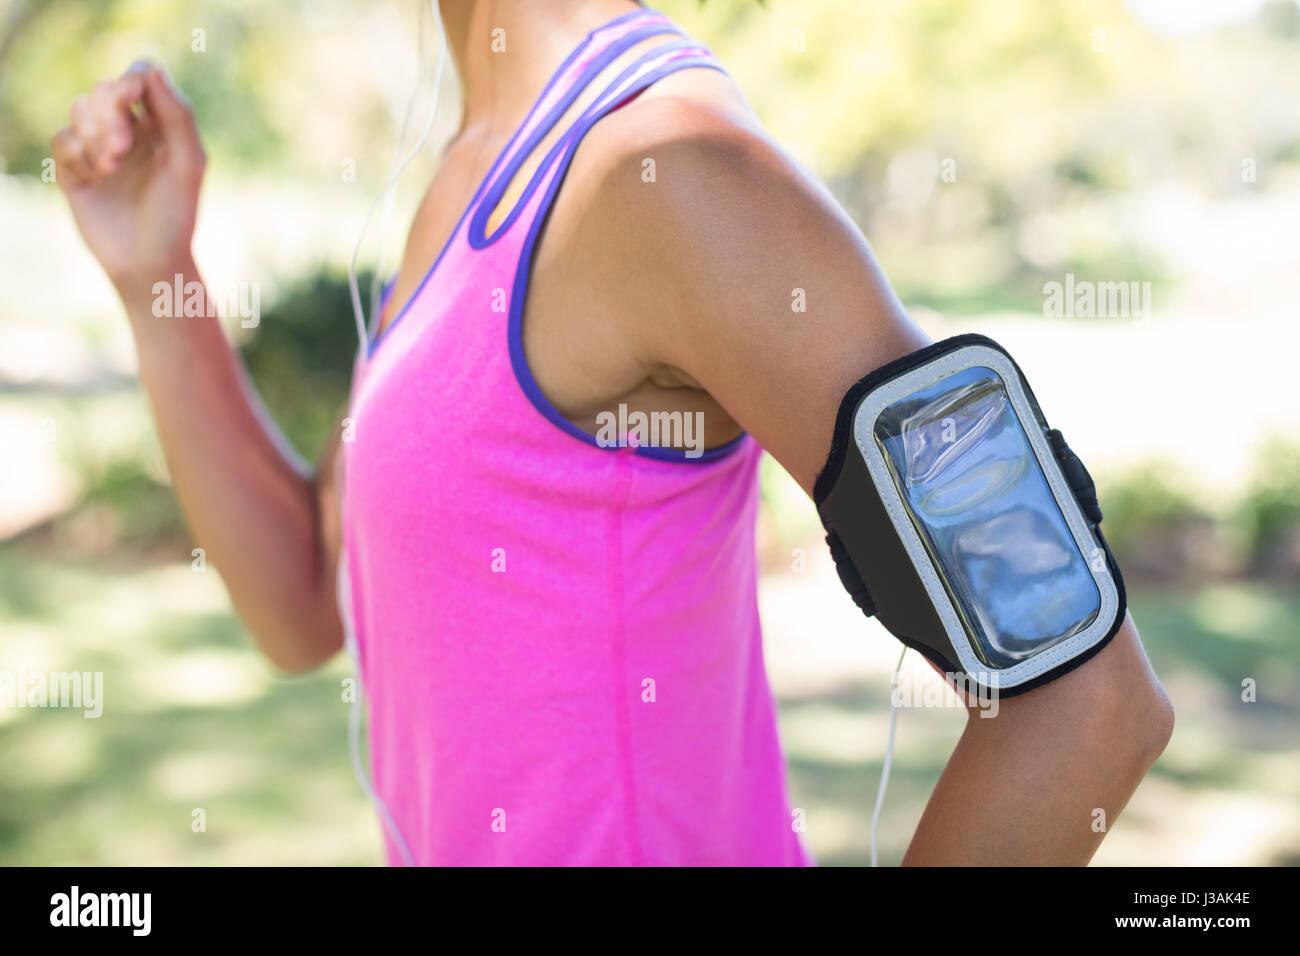 La sezione centrale del pareggiatore femmina con fascia braccio jogging nel parco Foto Stock